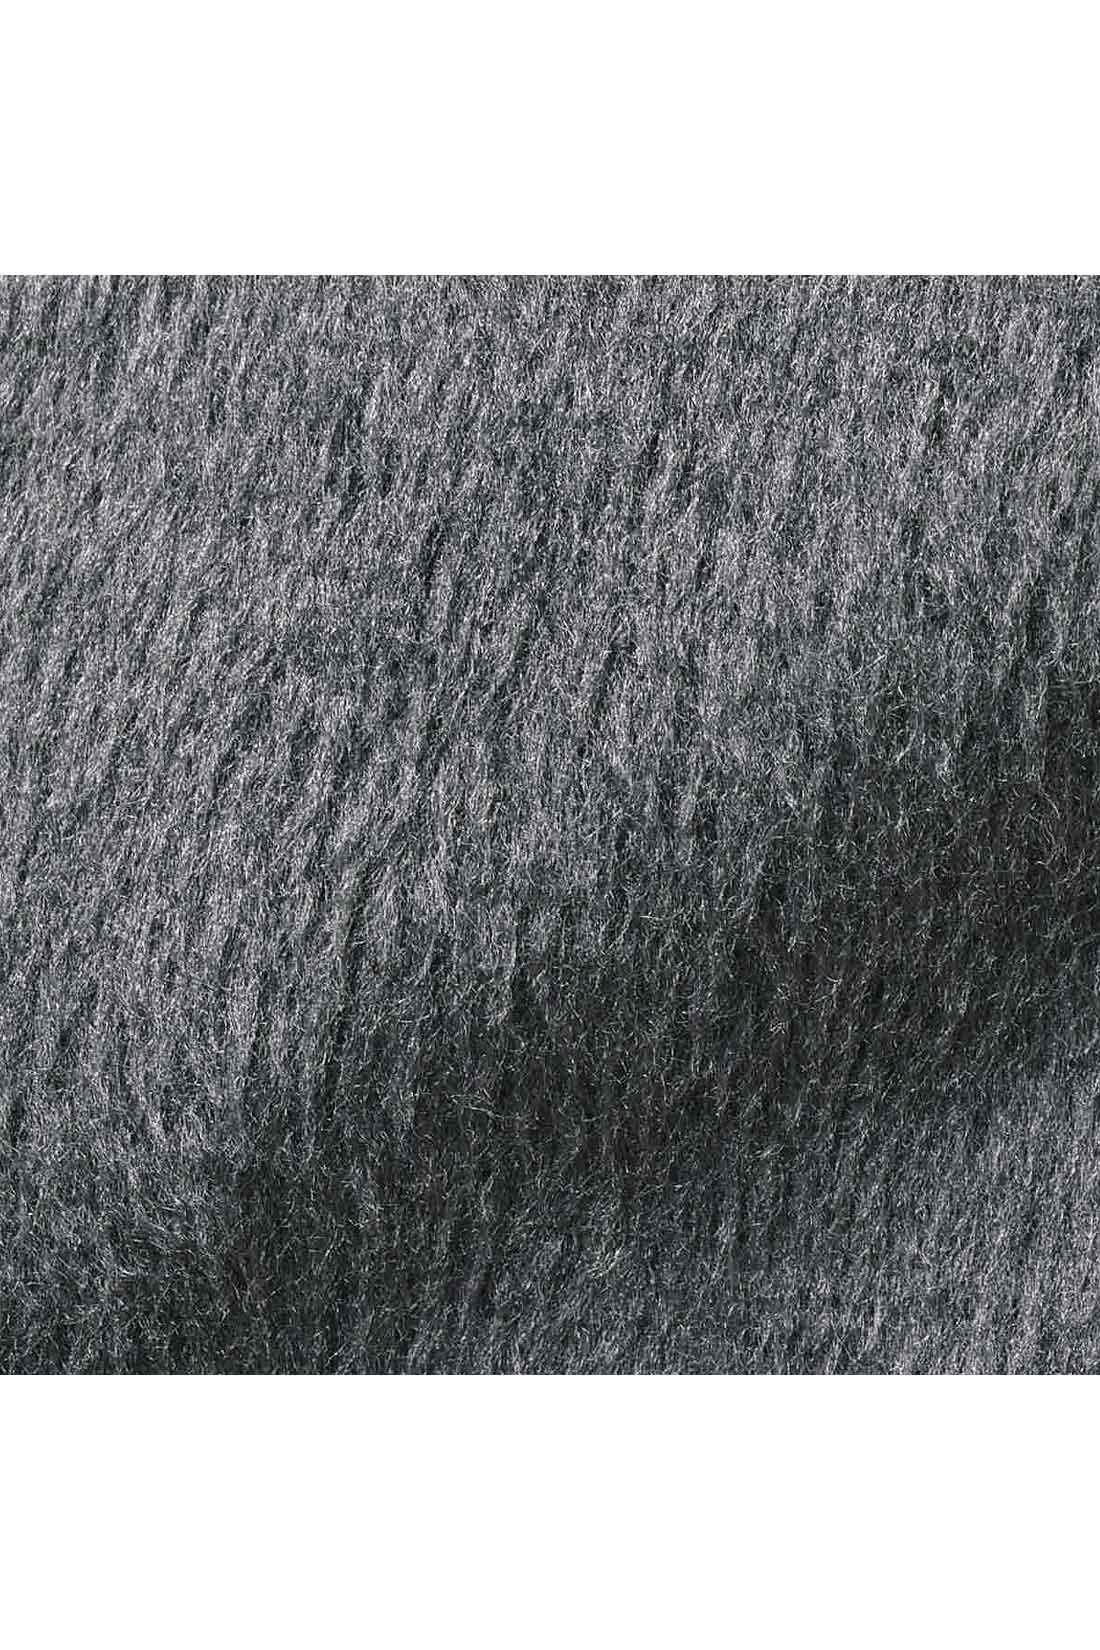 裏側 肉厚シャギーは通常の裏起毛よりも厚みがあって暖か。肉厚とはいえ、着ぶくれしてみえにくいのも◎。